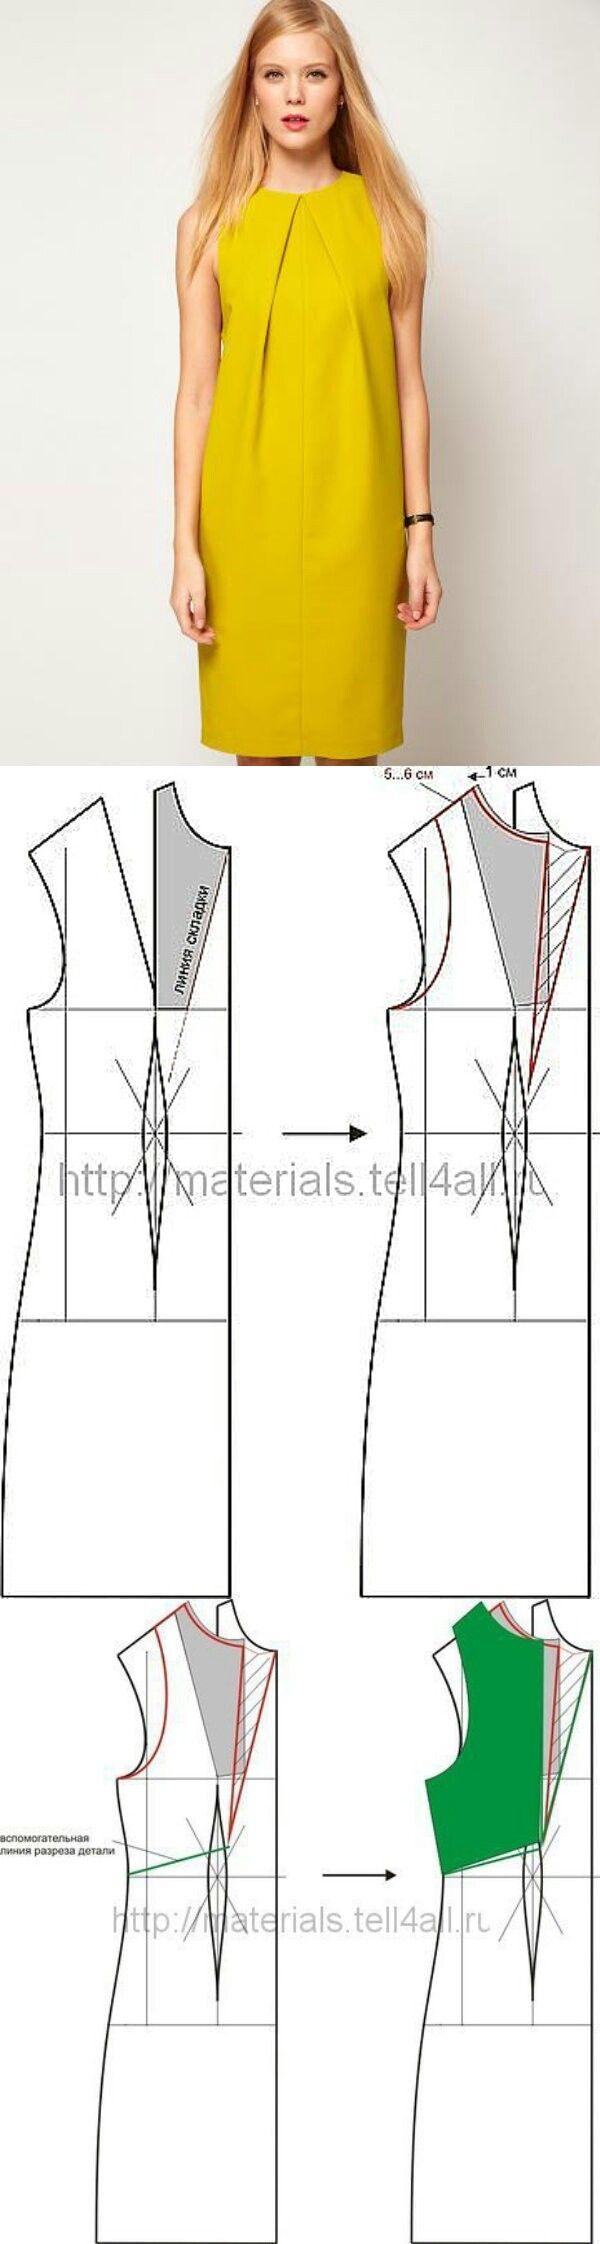 Pin von janejong auf sewing: clothes 2   Pinterest   Handarbeiten ...